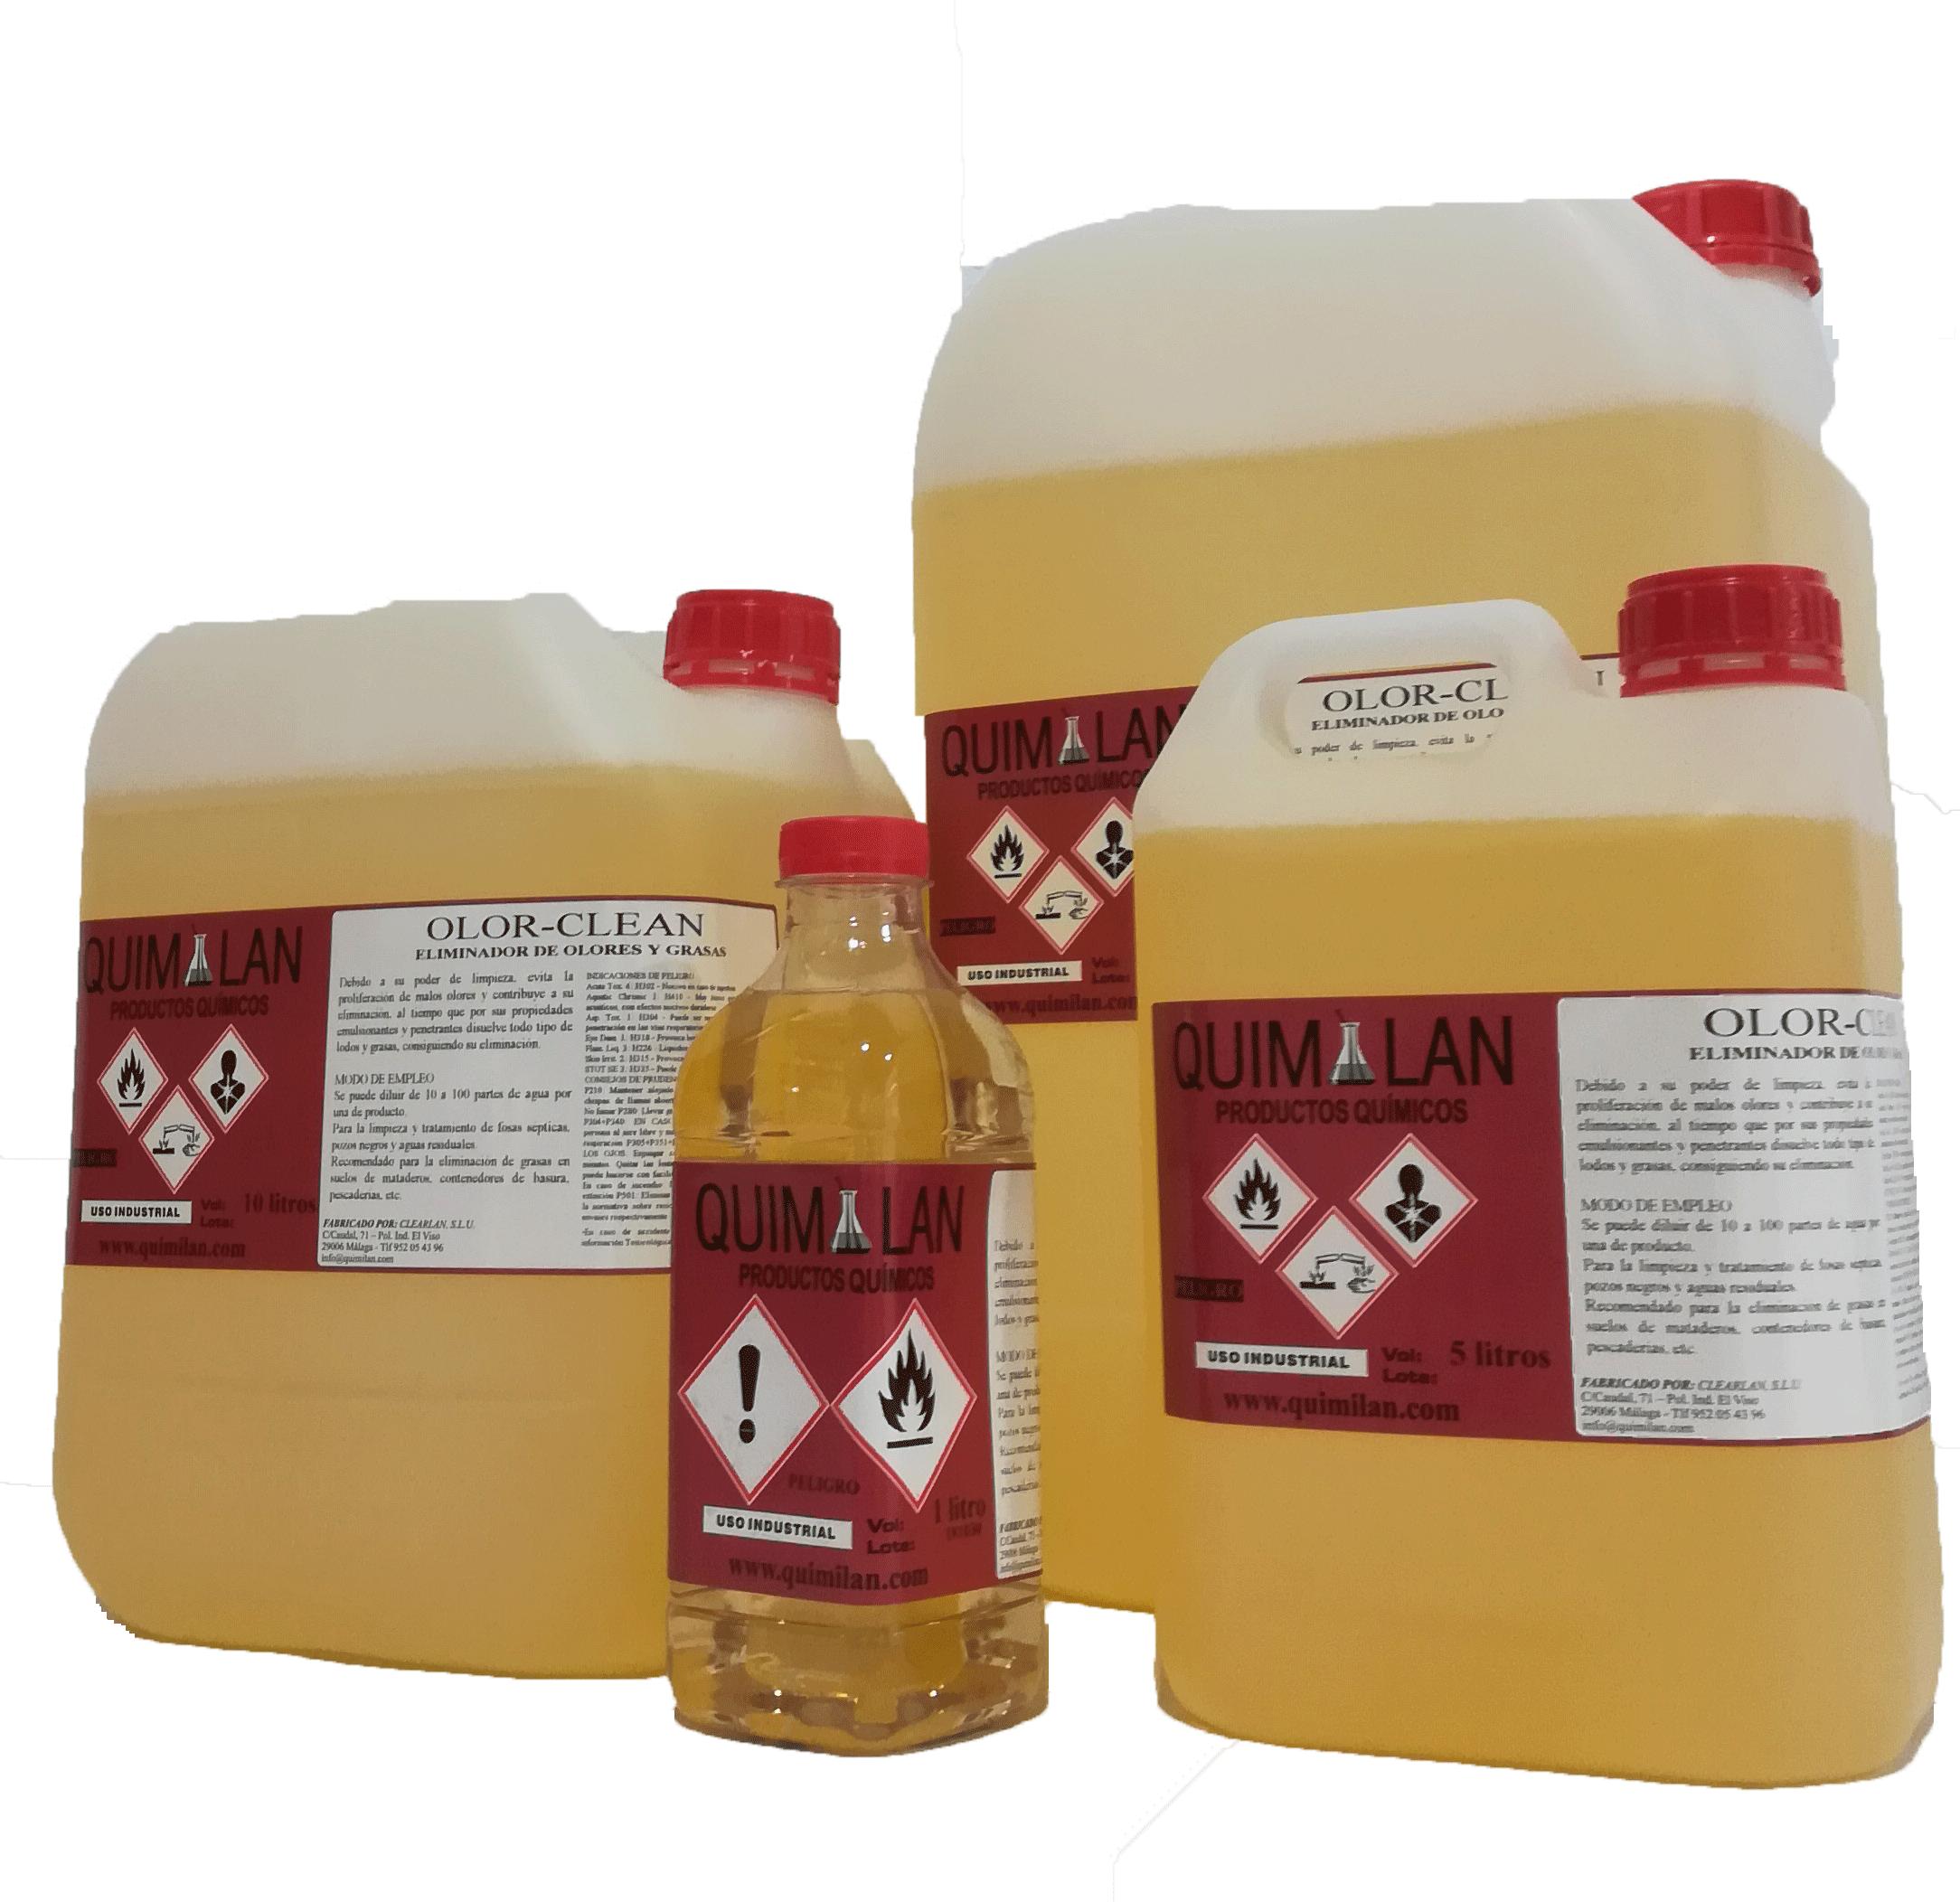 Productos Quimicos Limpieza Olorclean Quimilan en Malaga